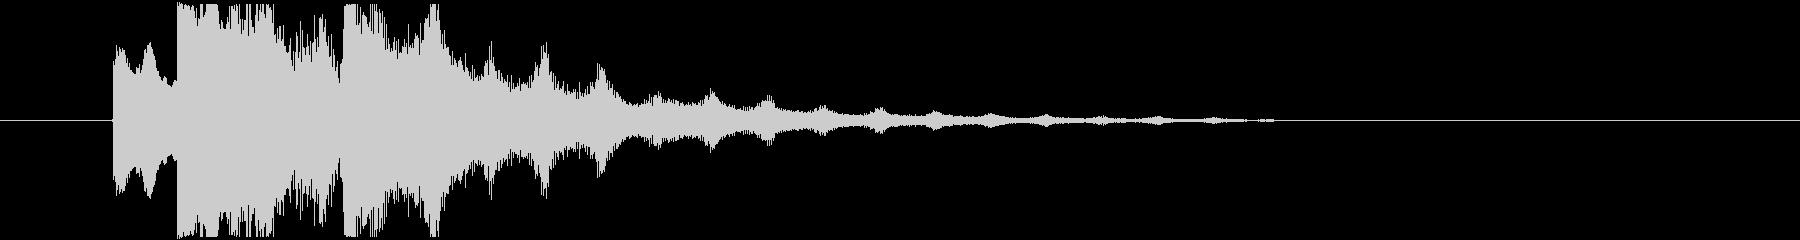 不気味なアルペジオ 7の未再生の波形